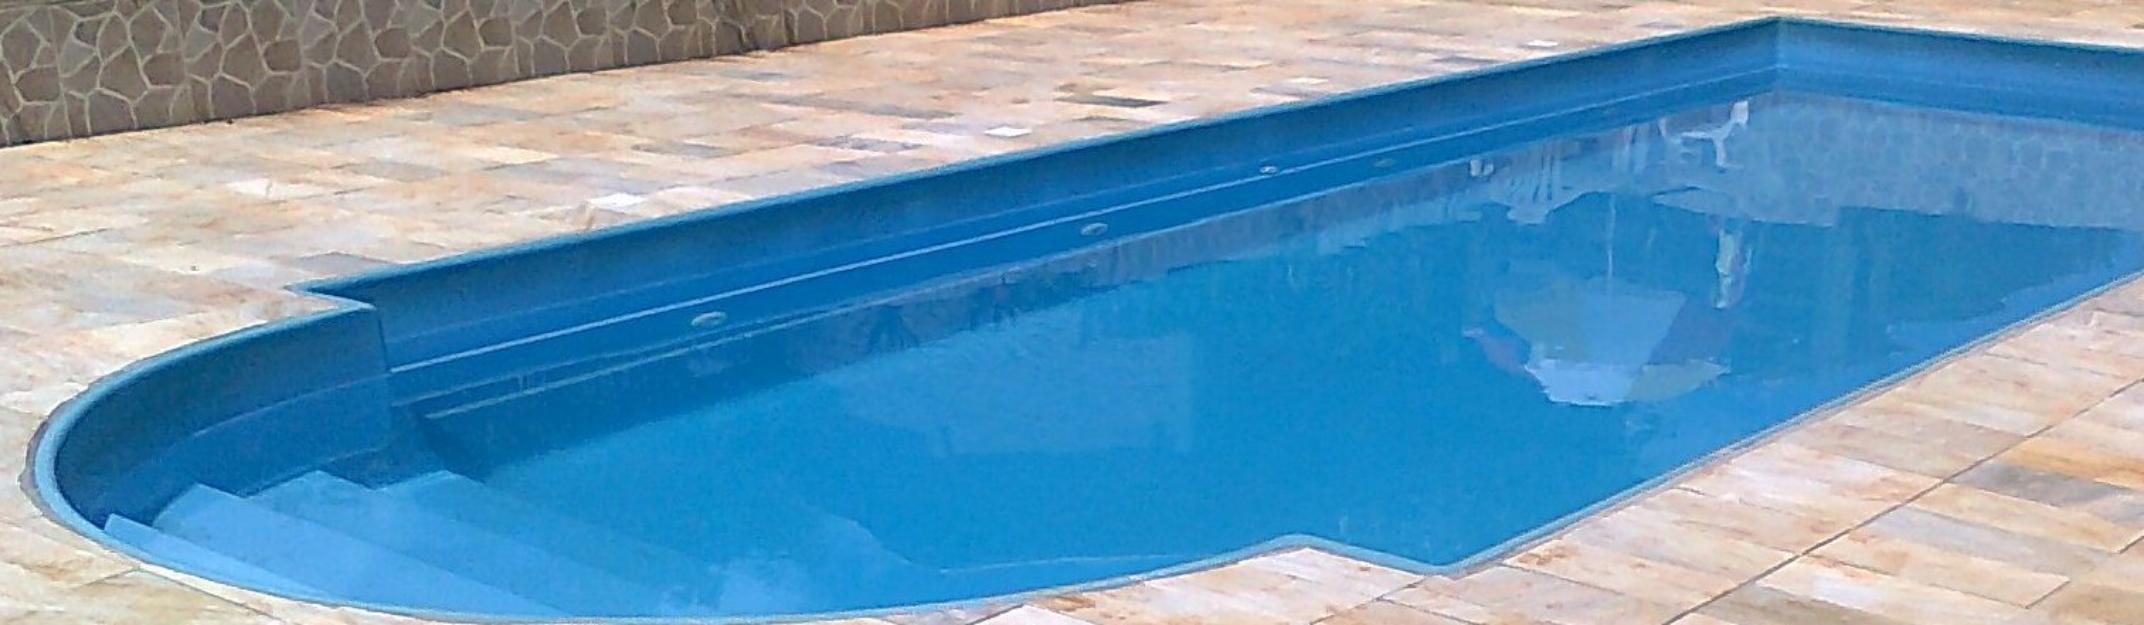 Piscinas de fibra direto da fabrica vazlon brasil for Fabrica de piscina